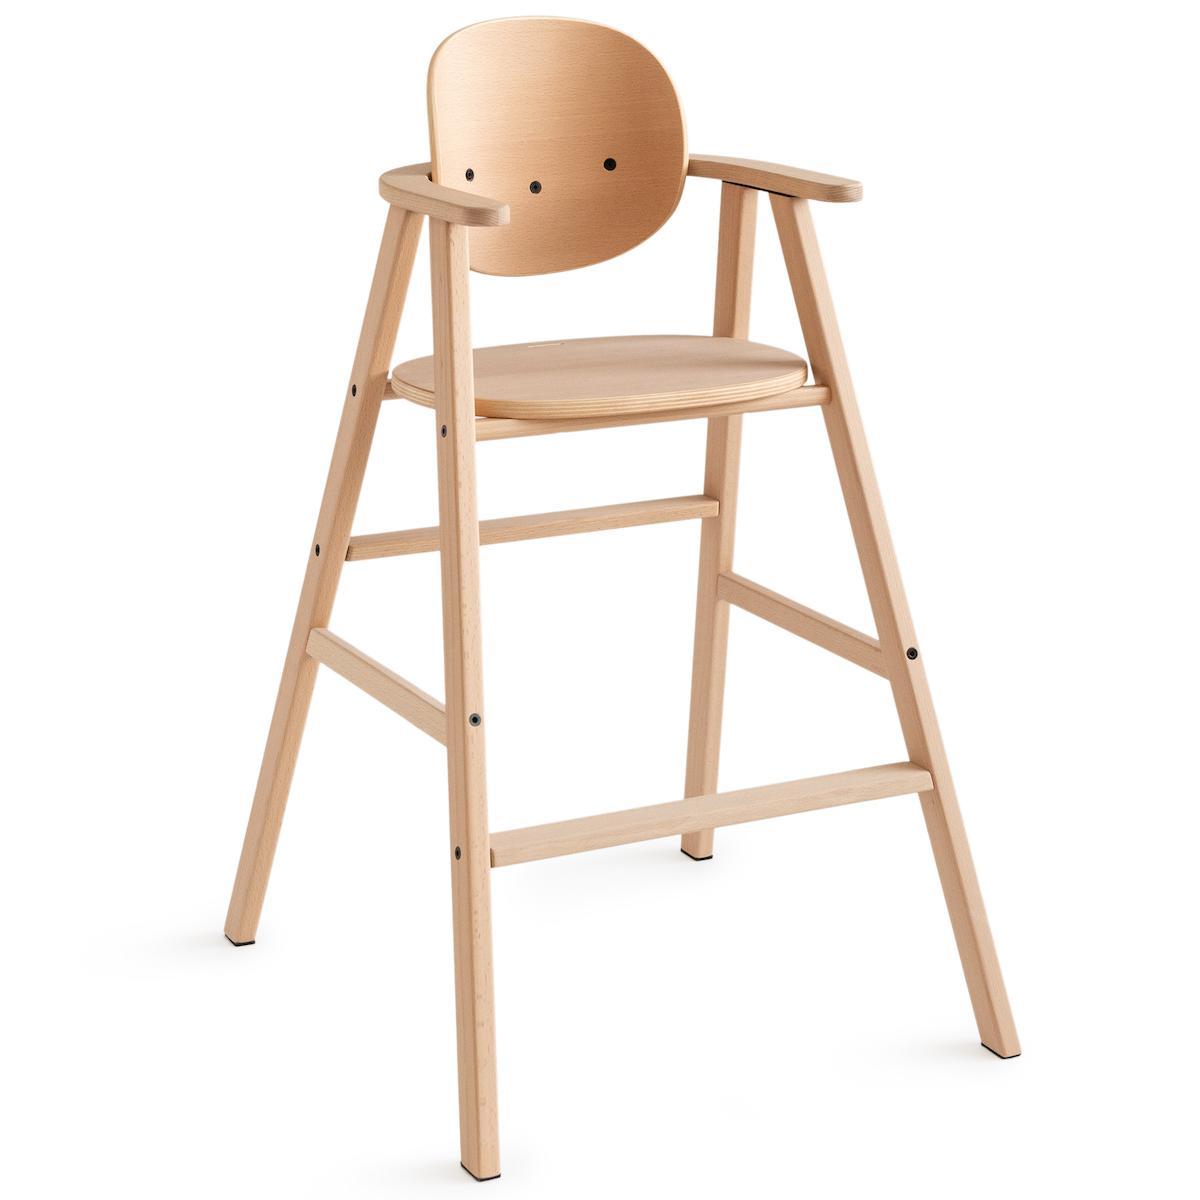 Chaise haute GROWING GREEN Nobodinoz